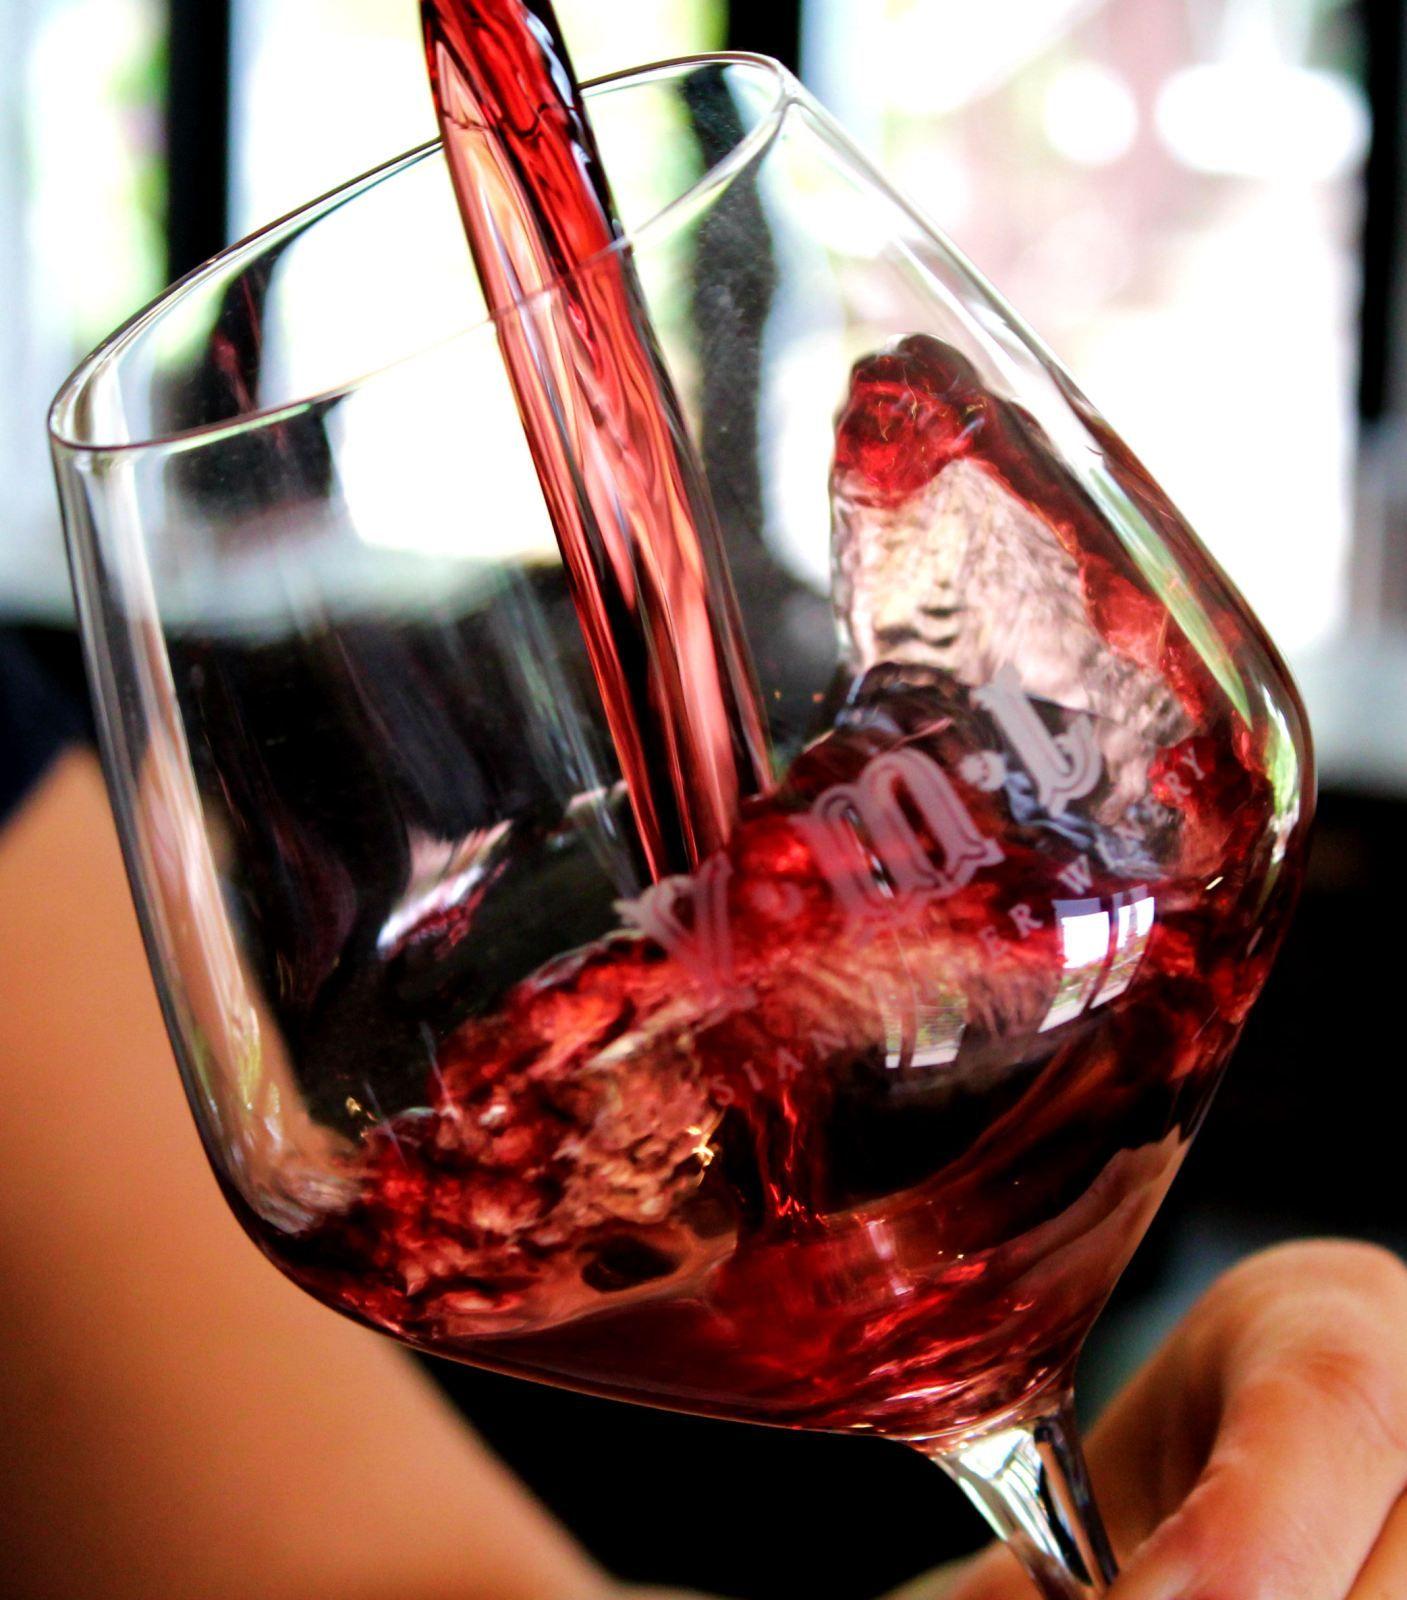 #WineTasting 101 #wine #winelovers #drinking vs #tasting